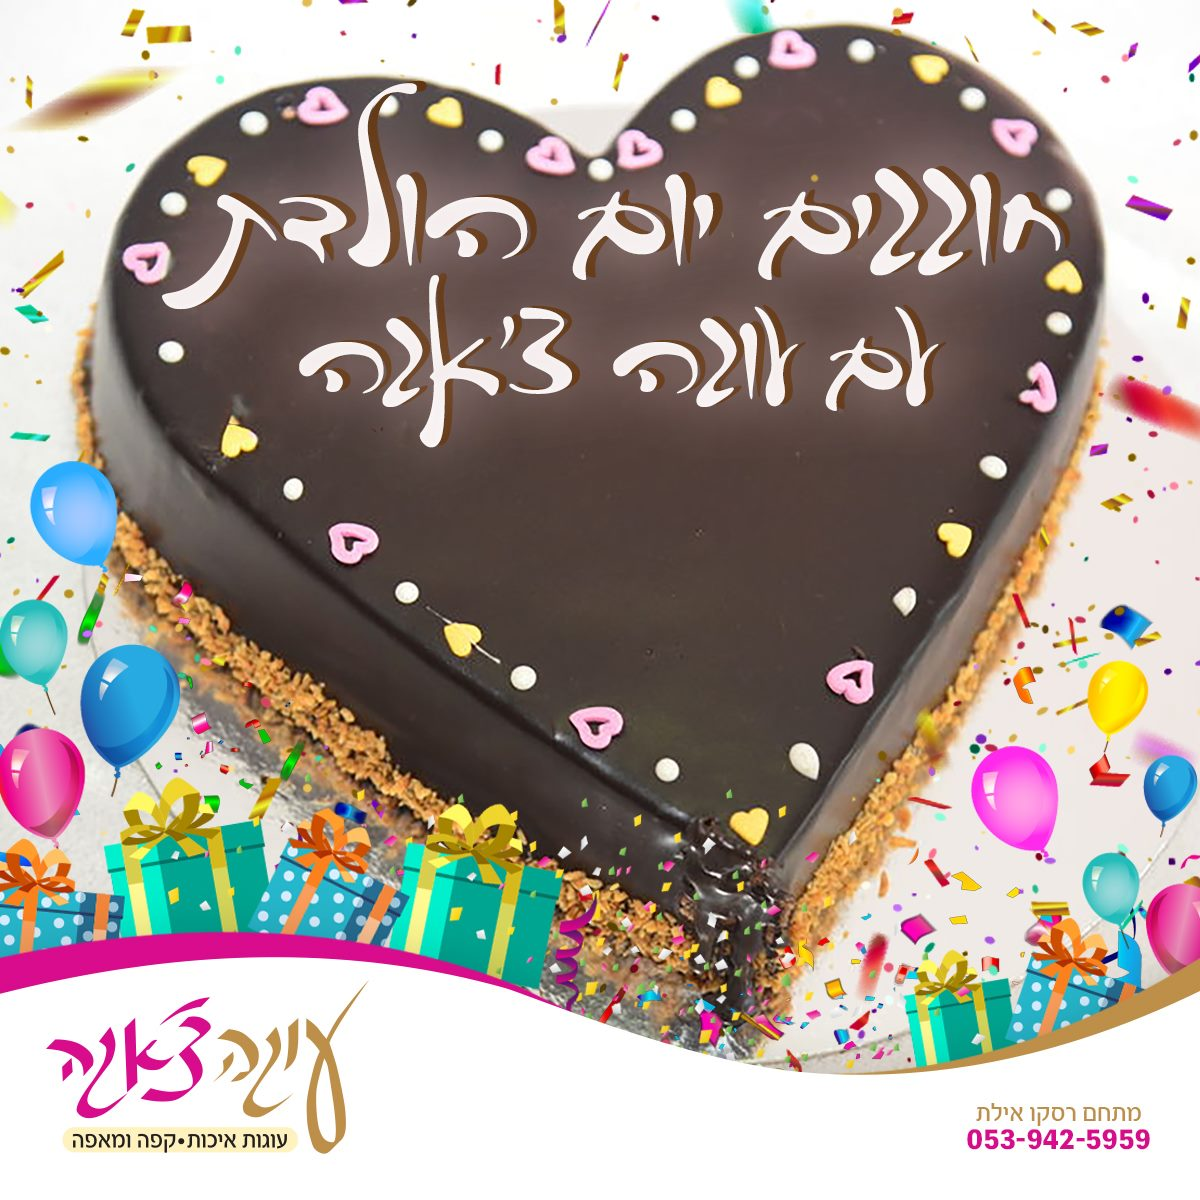 חוגגים יום הולדת באילת עם עוגה צ'אגה